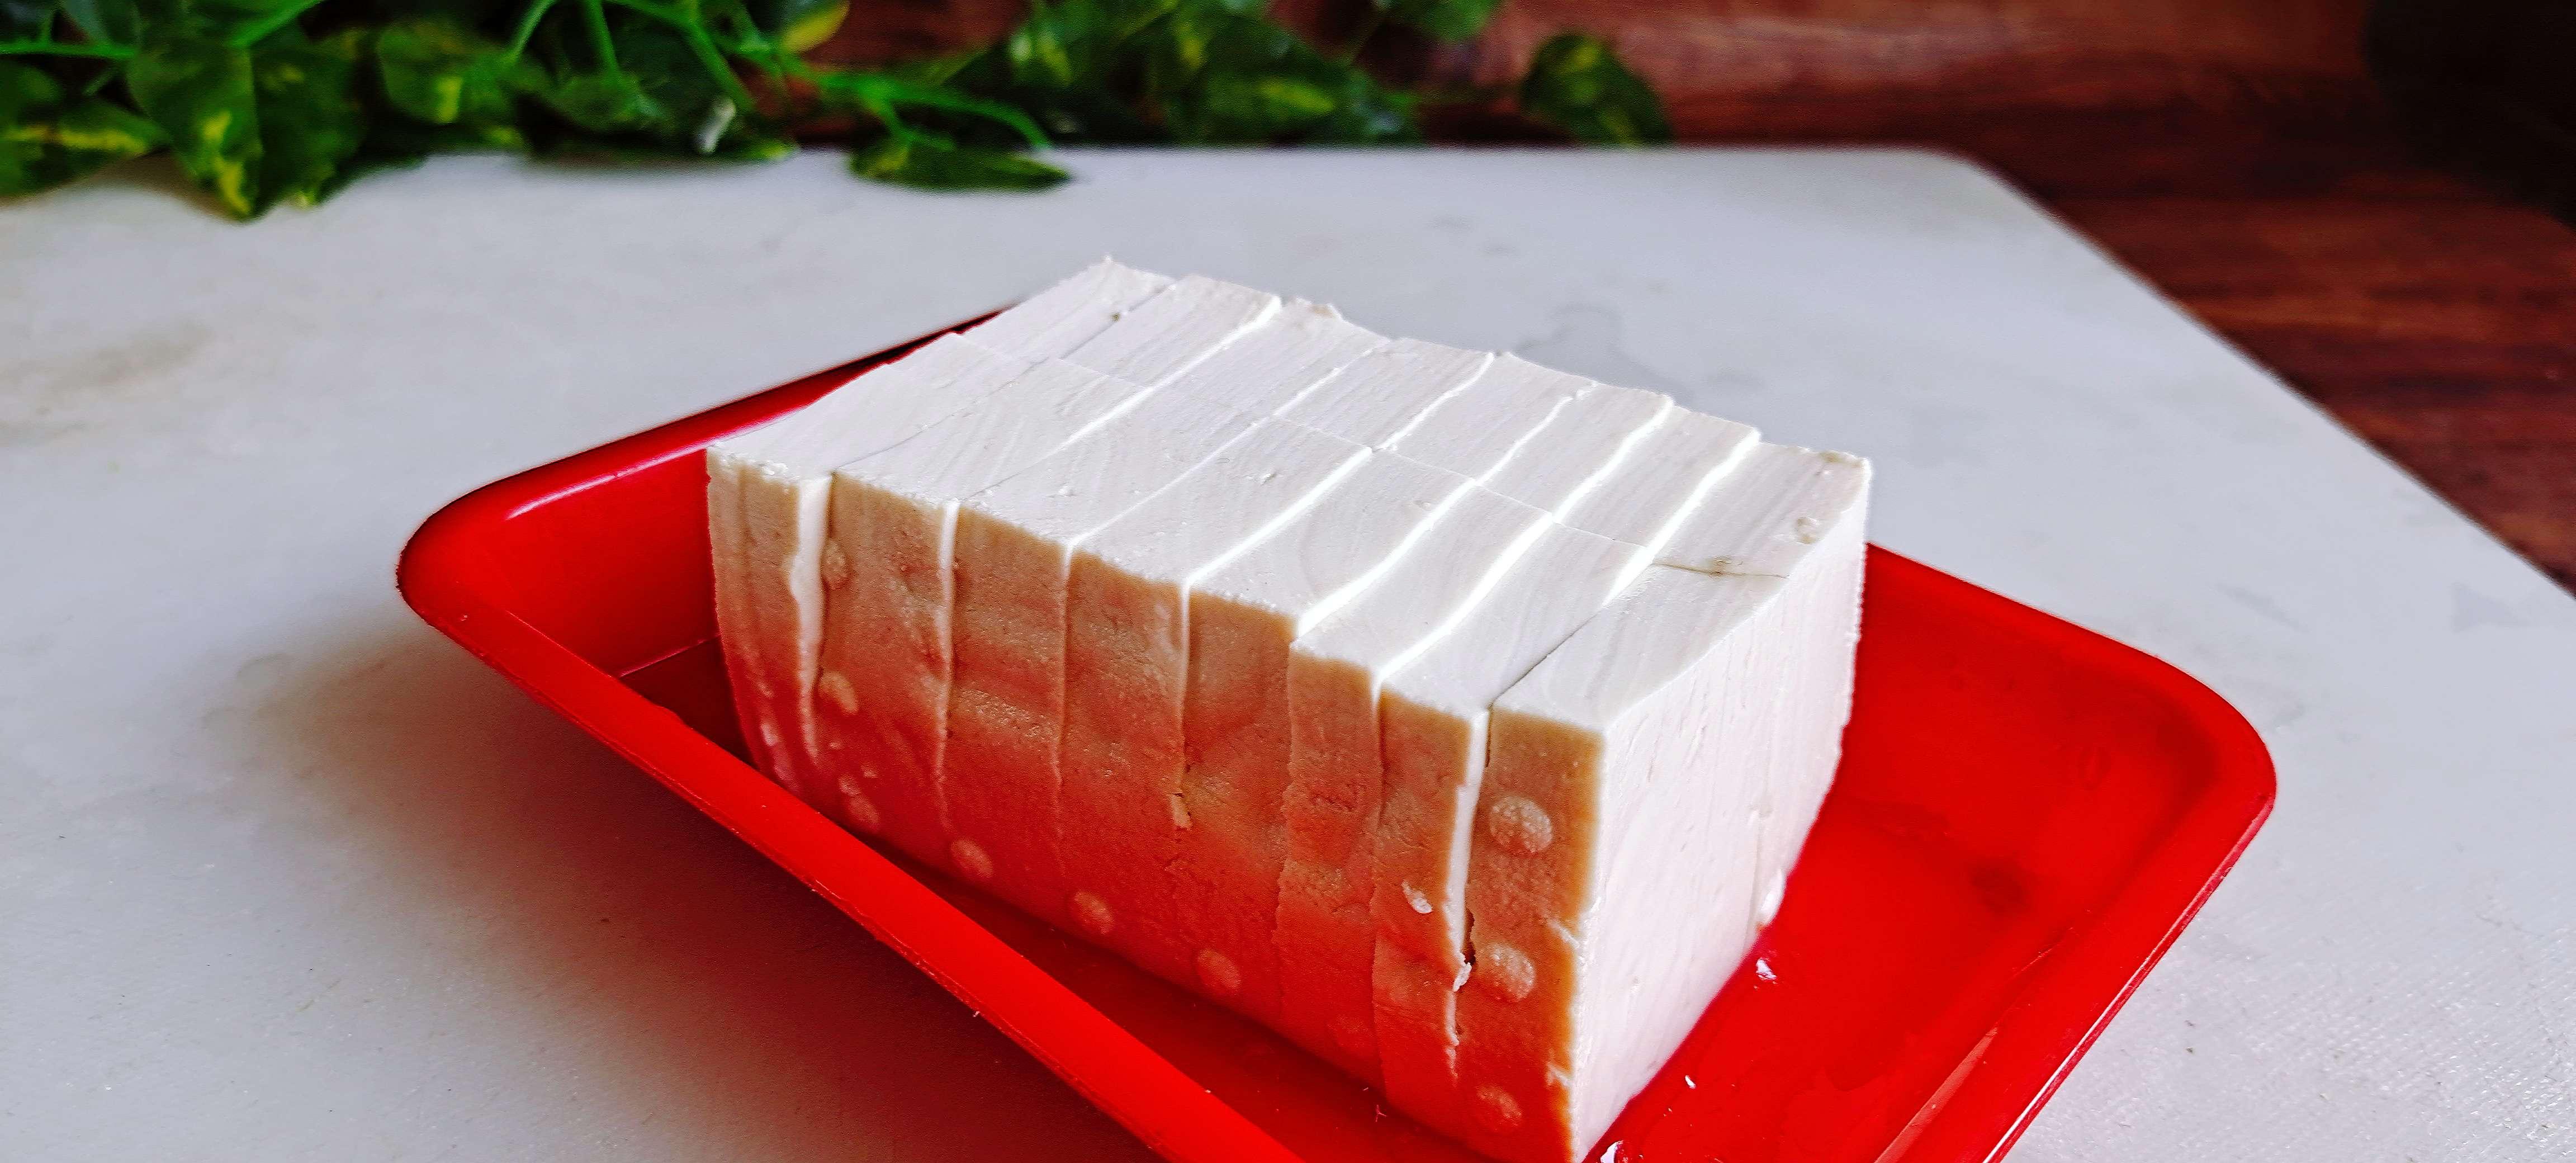 秋冬这样吃豆腐,暖身又下饭…金针豆腐煲的家常做法